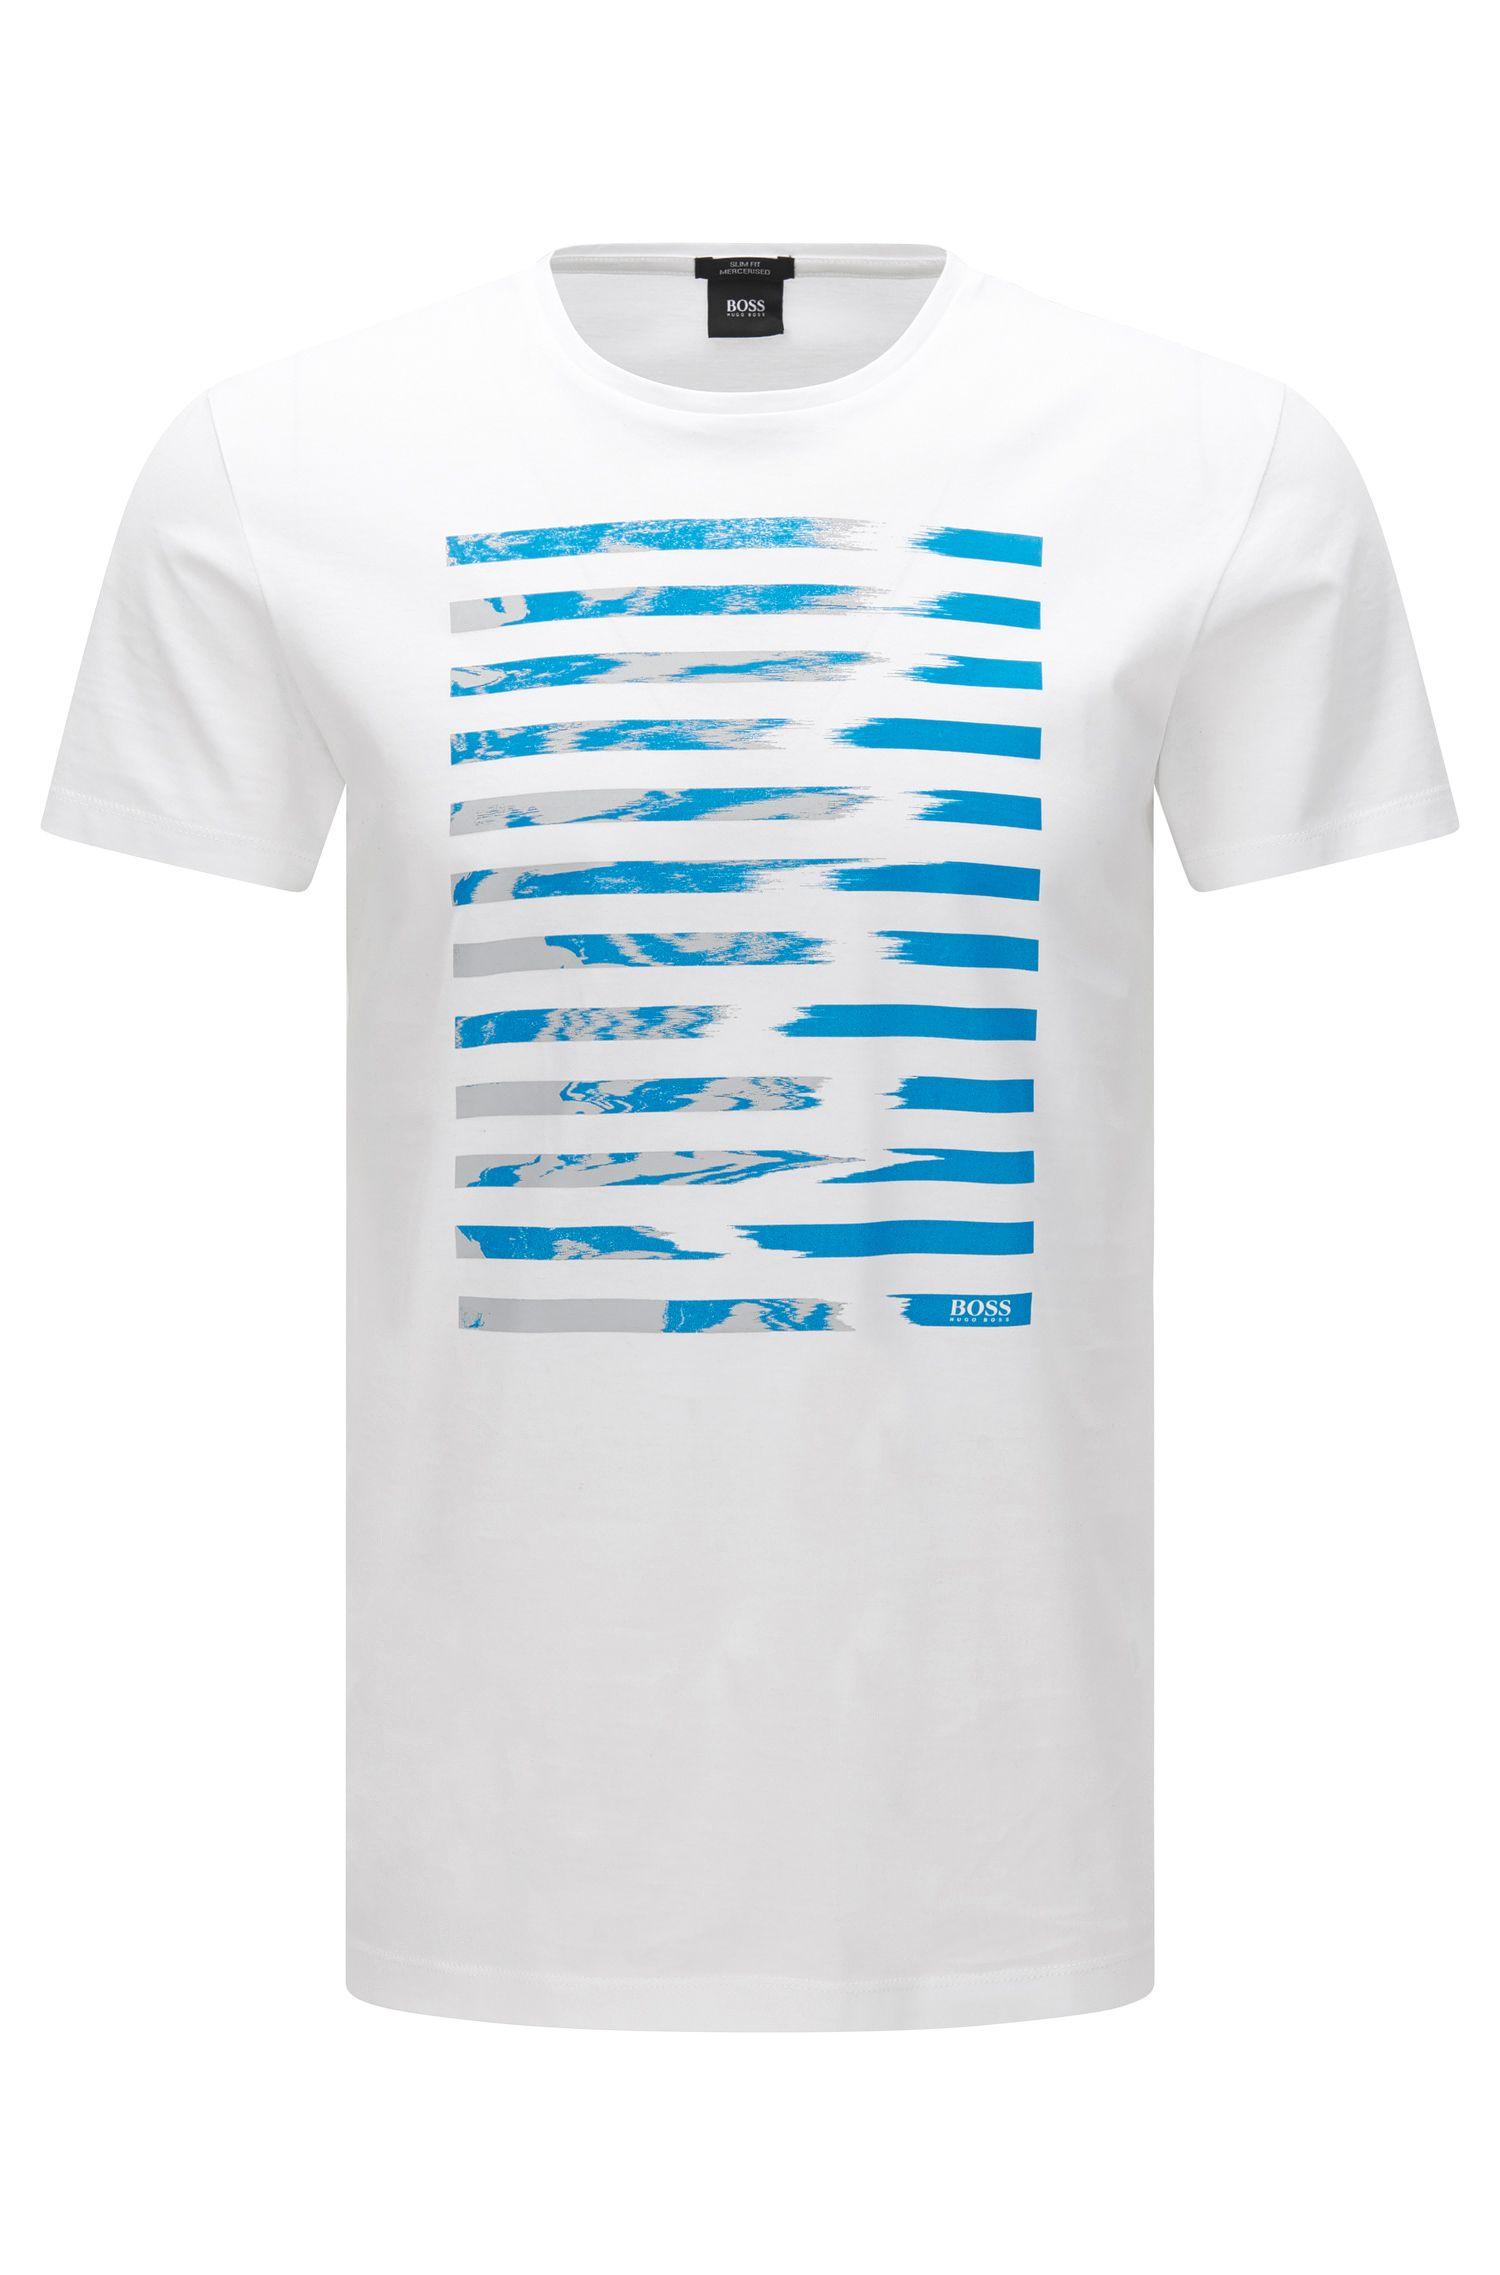 T-shirt Slim Fit en coton mercerisé à imprimé graphique